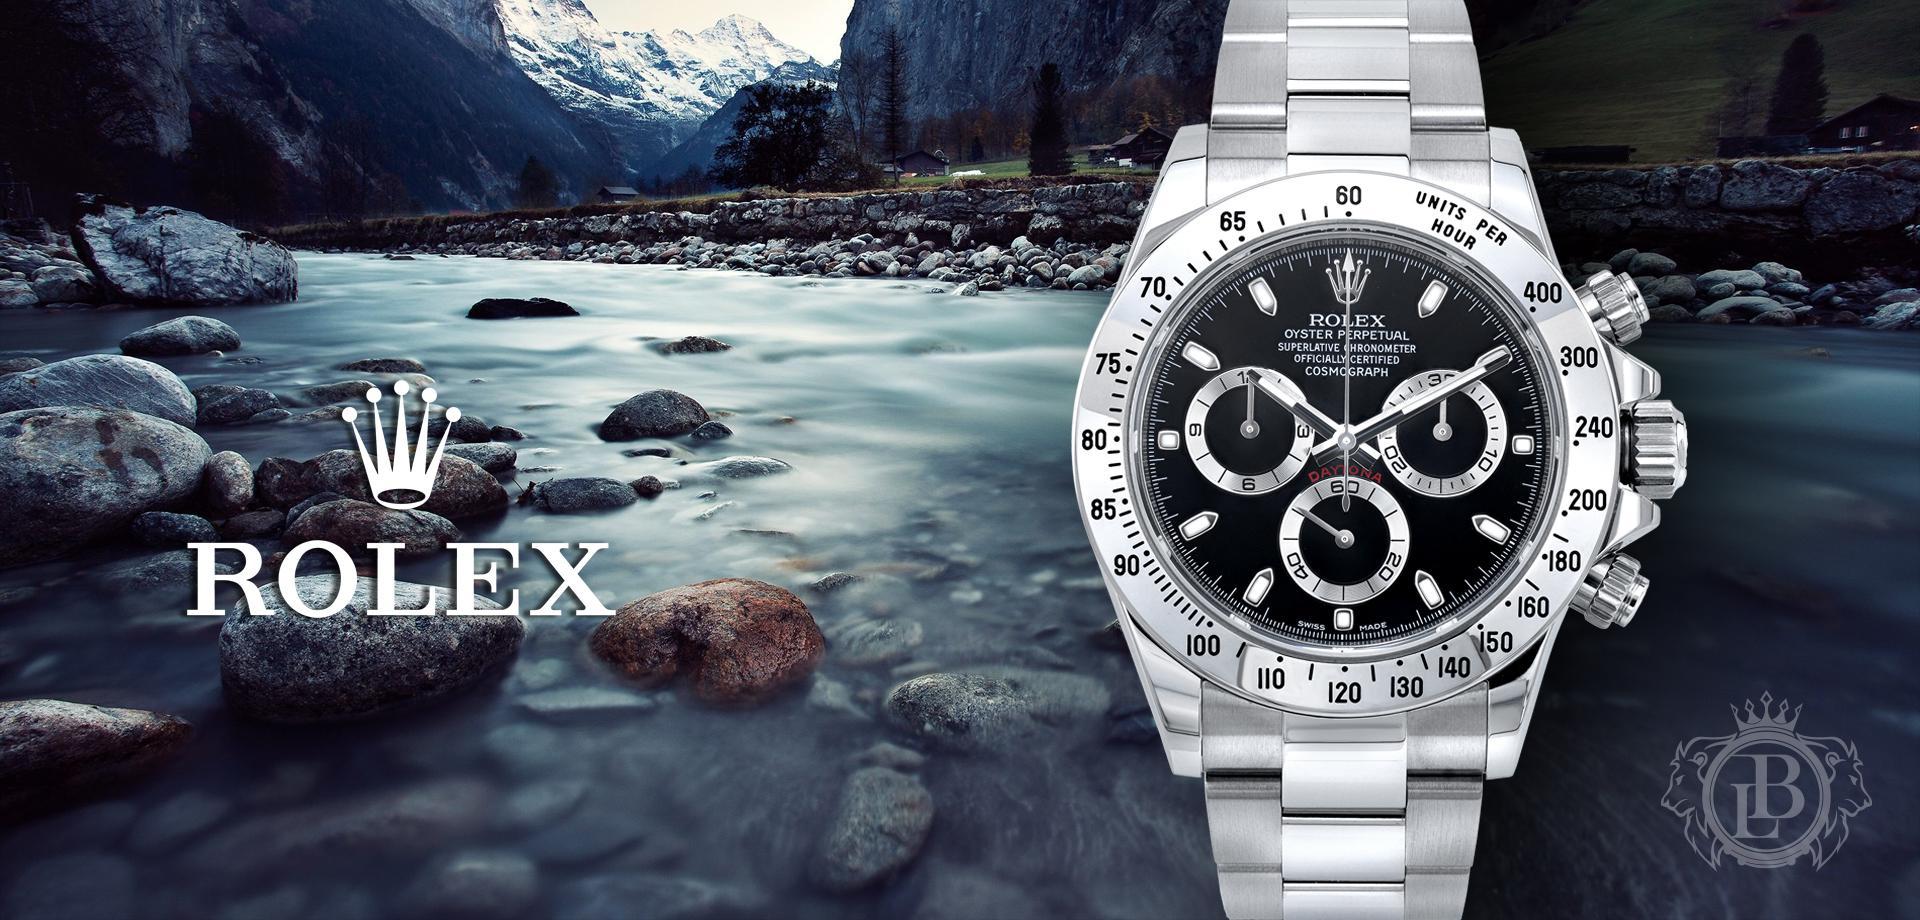 Cửa Hàng Đồng Hồ Rolex Fake tại Hà Nội